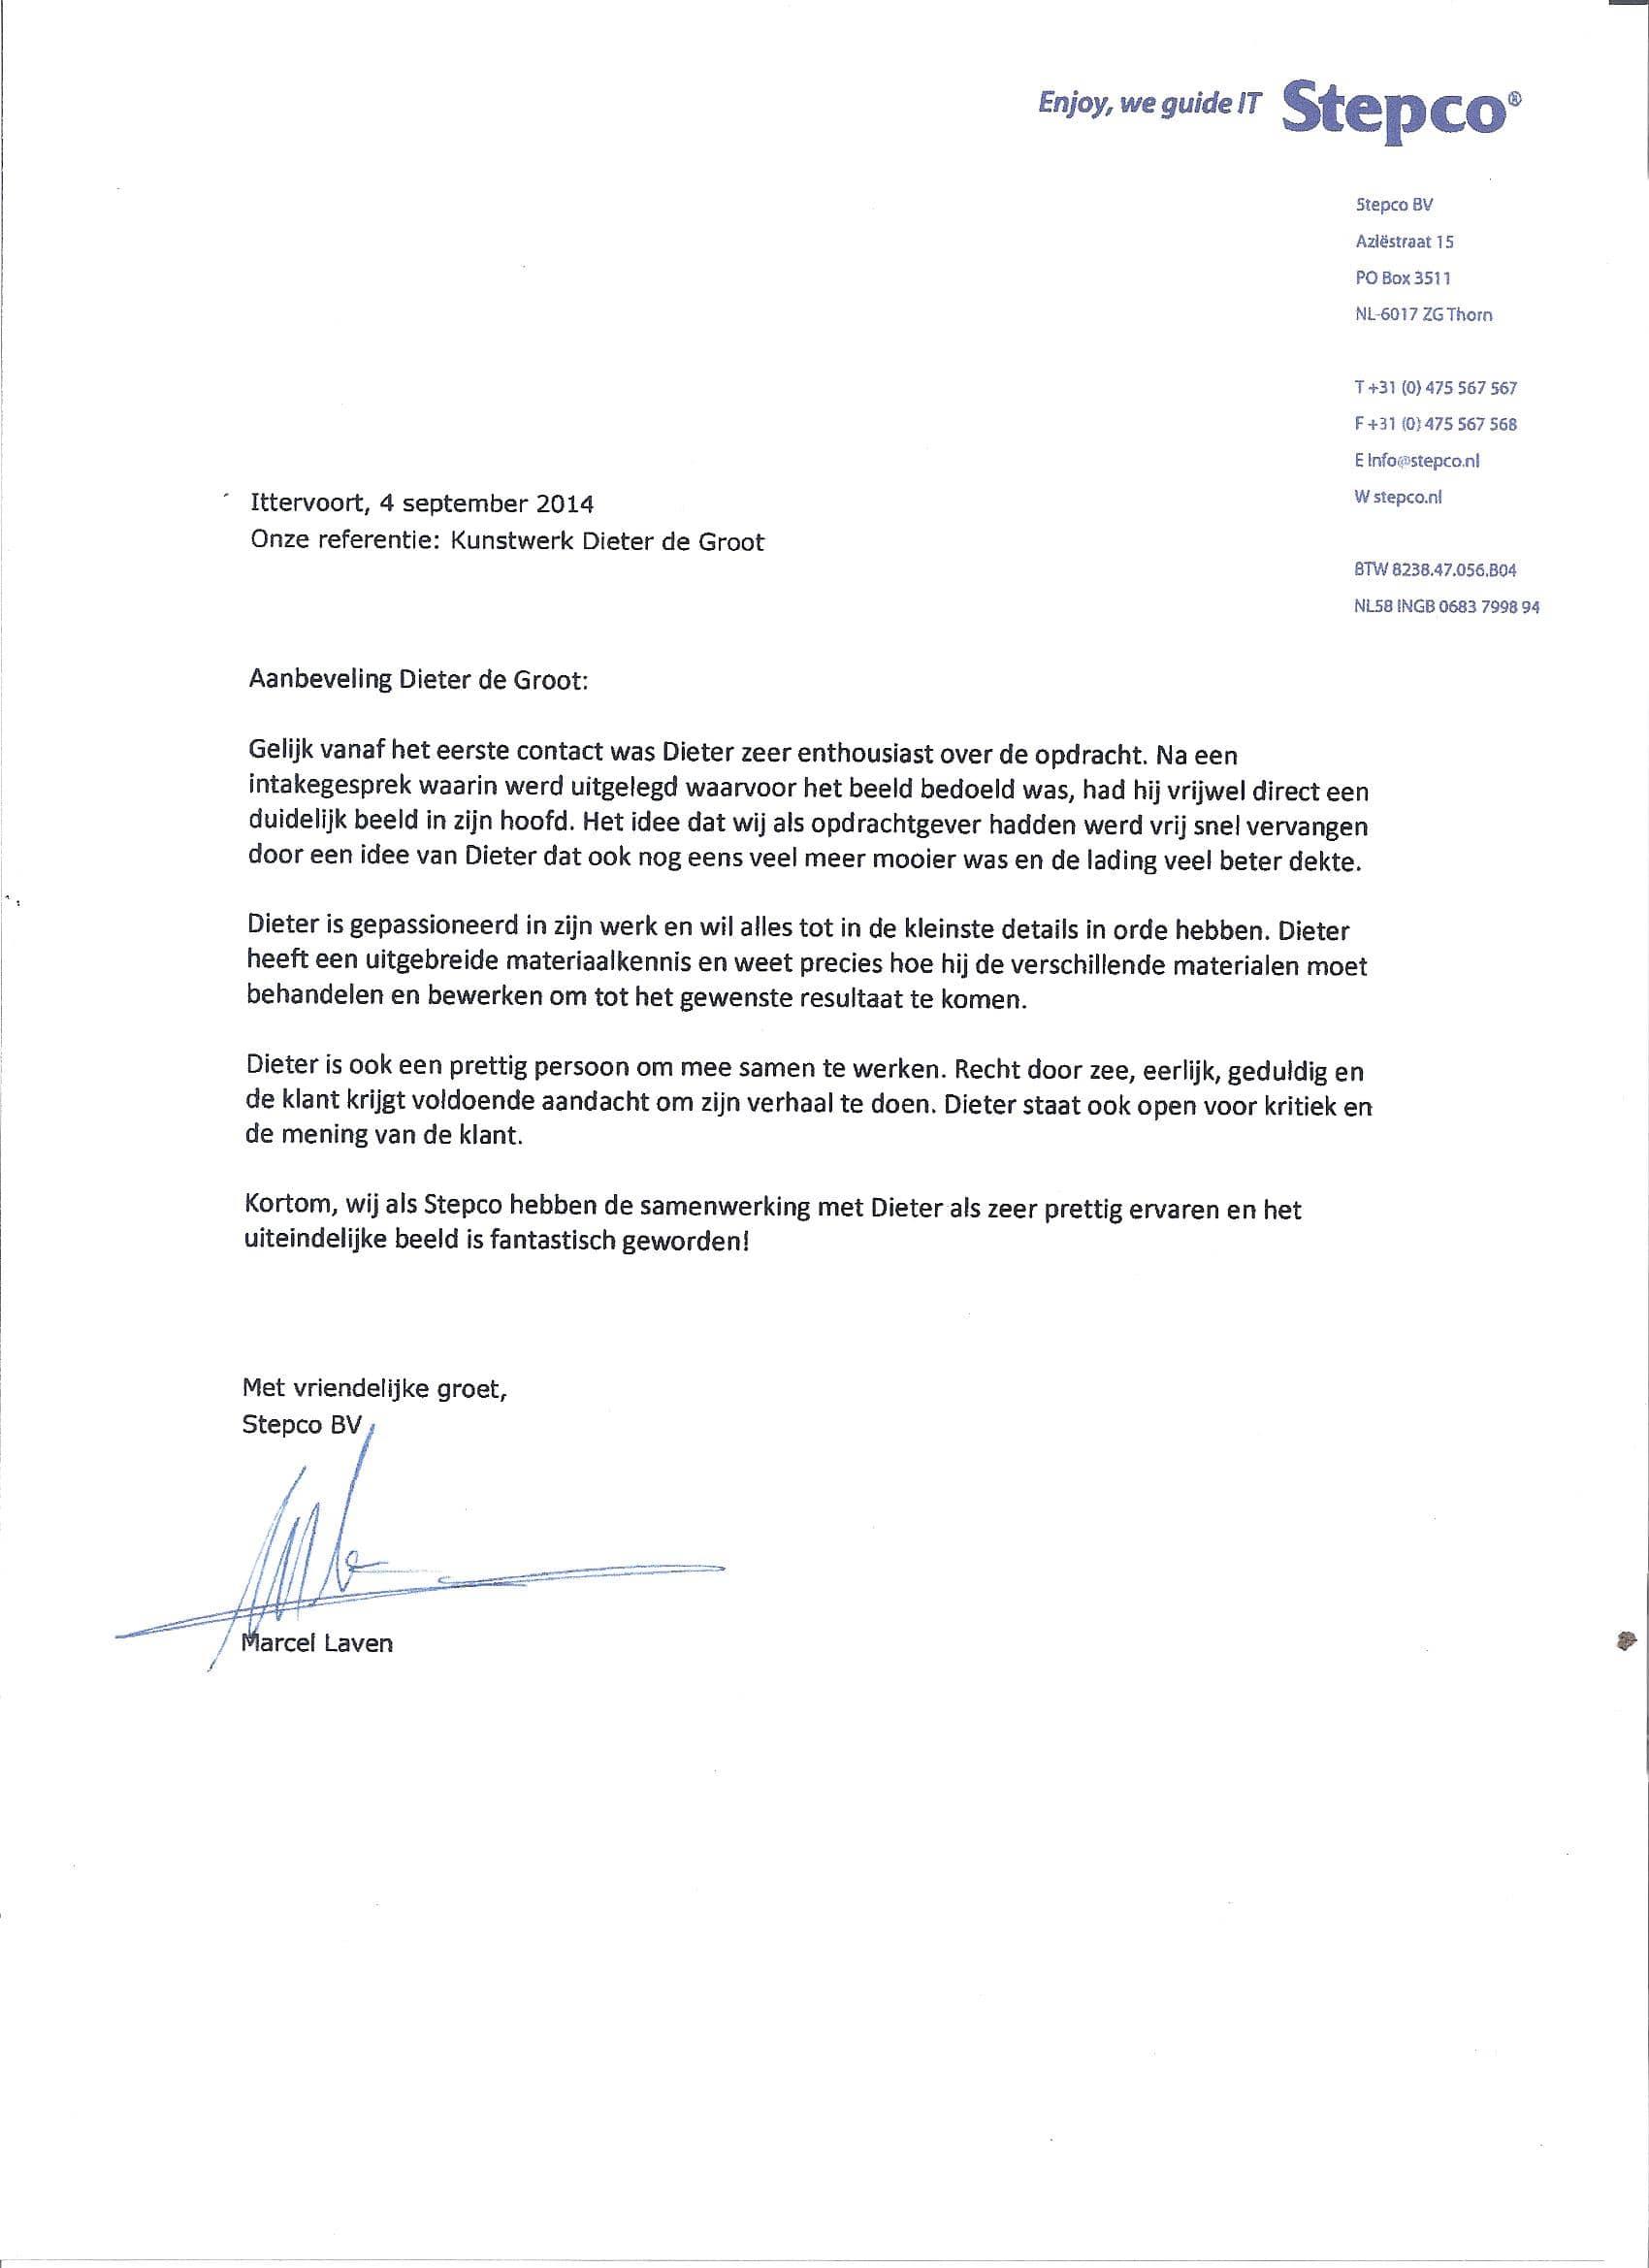 aanbeveling Stepco voor Atelier de Groot aanbeveling (2)